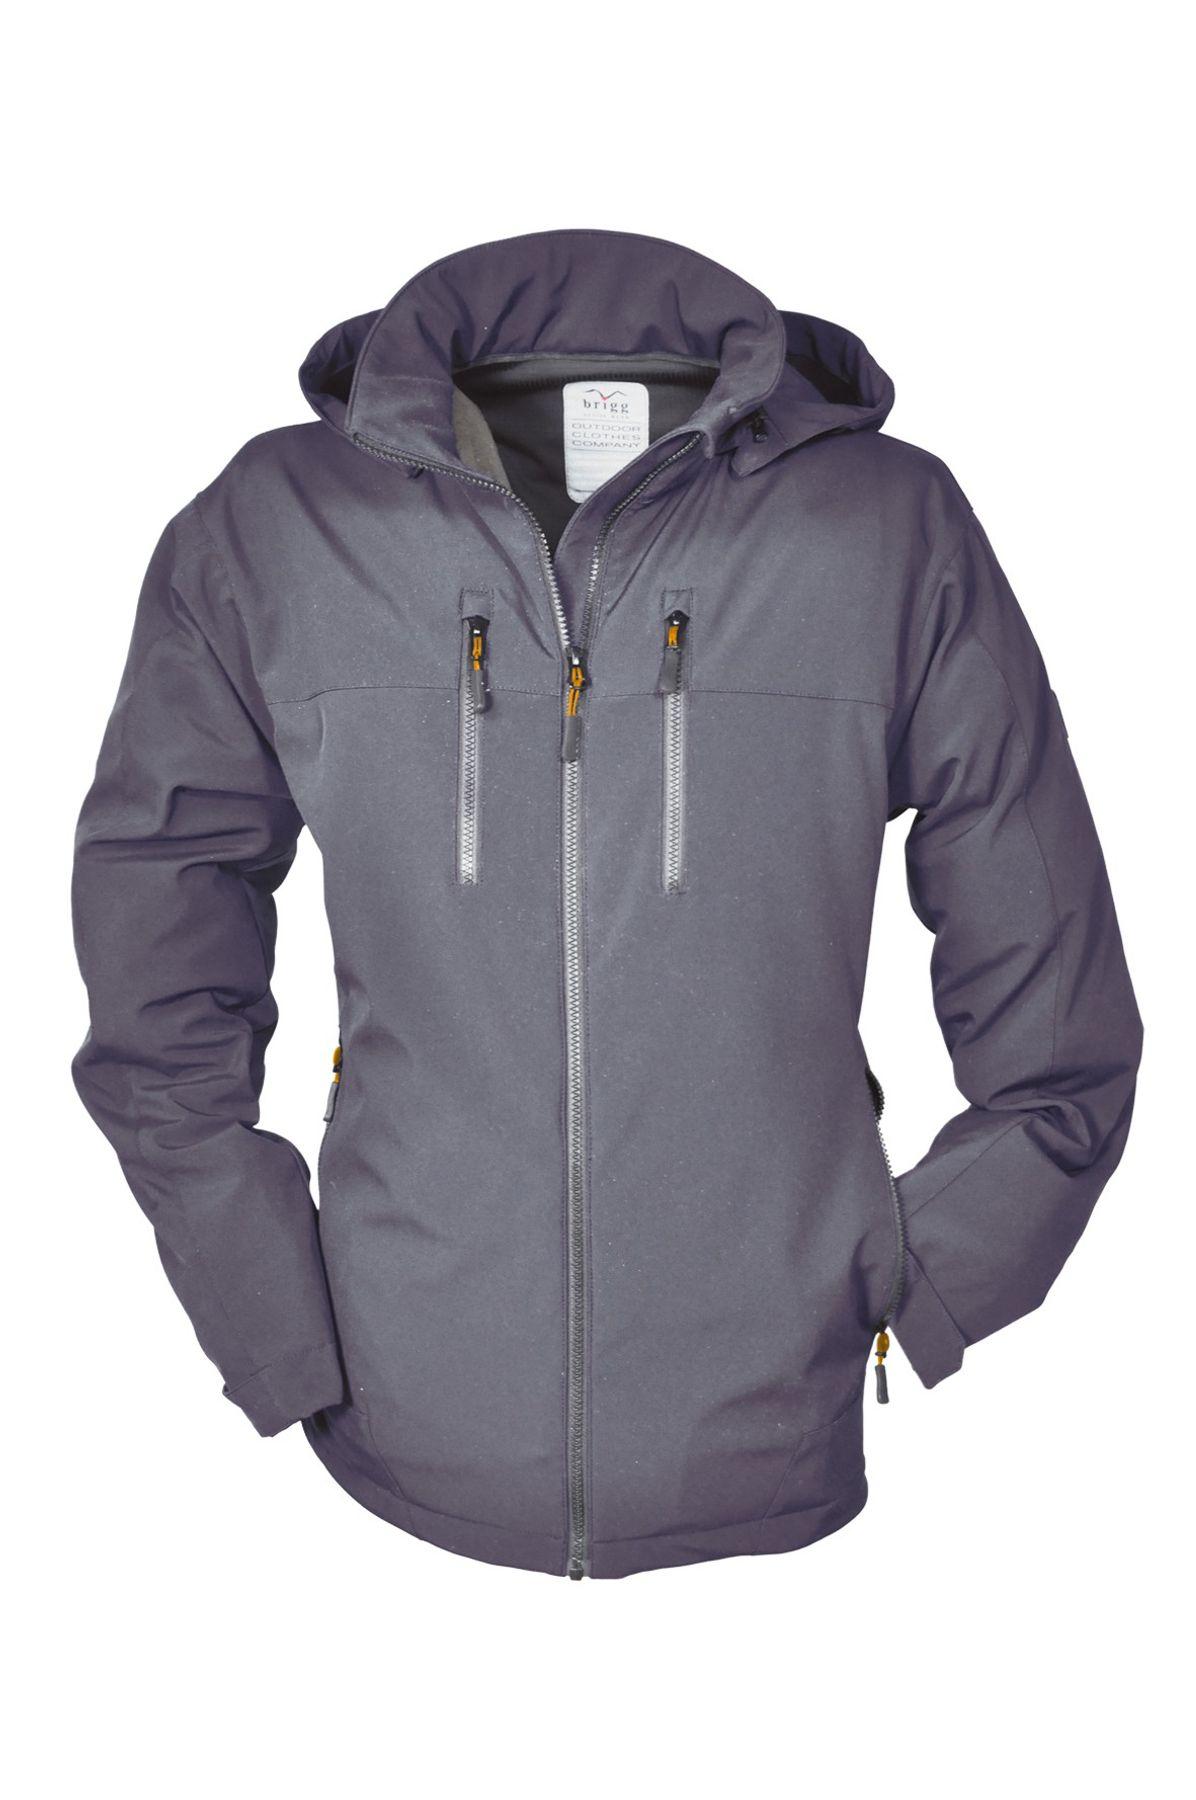 Brigg - Herren Softshell Jacke in verschiedenen Farben, Wasserdicht, Atmungsaktiv, Winddicht (10 776 705) – Bild 2